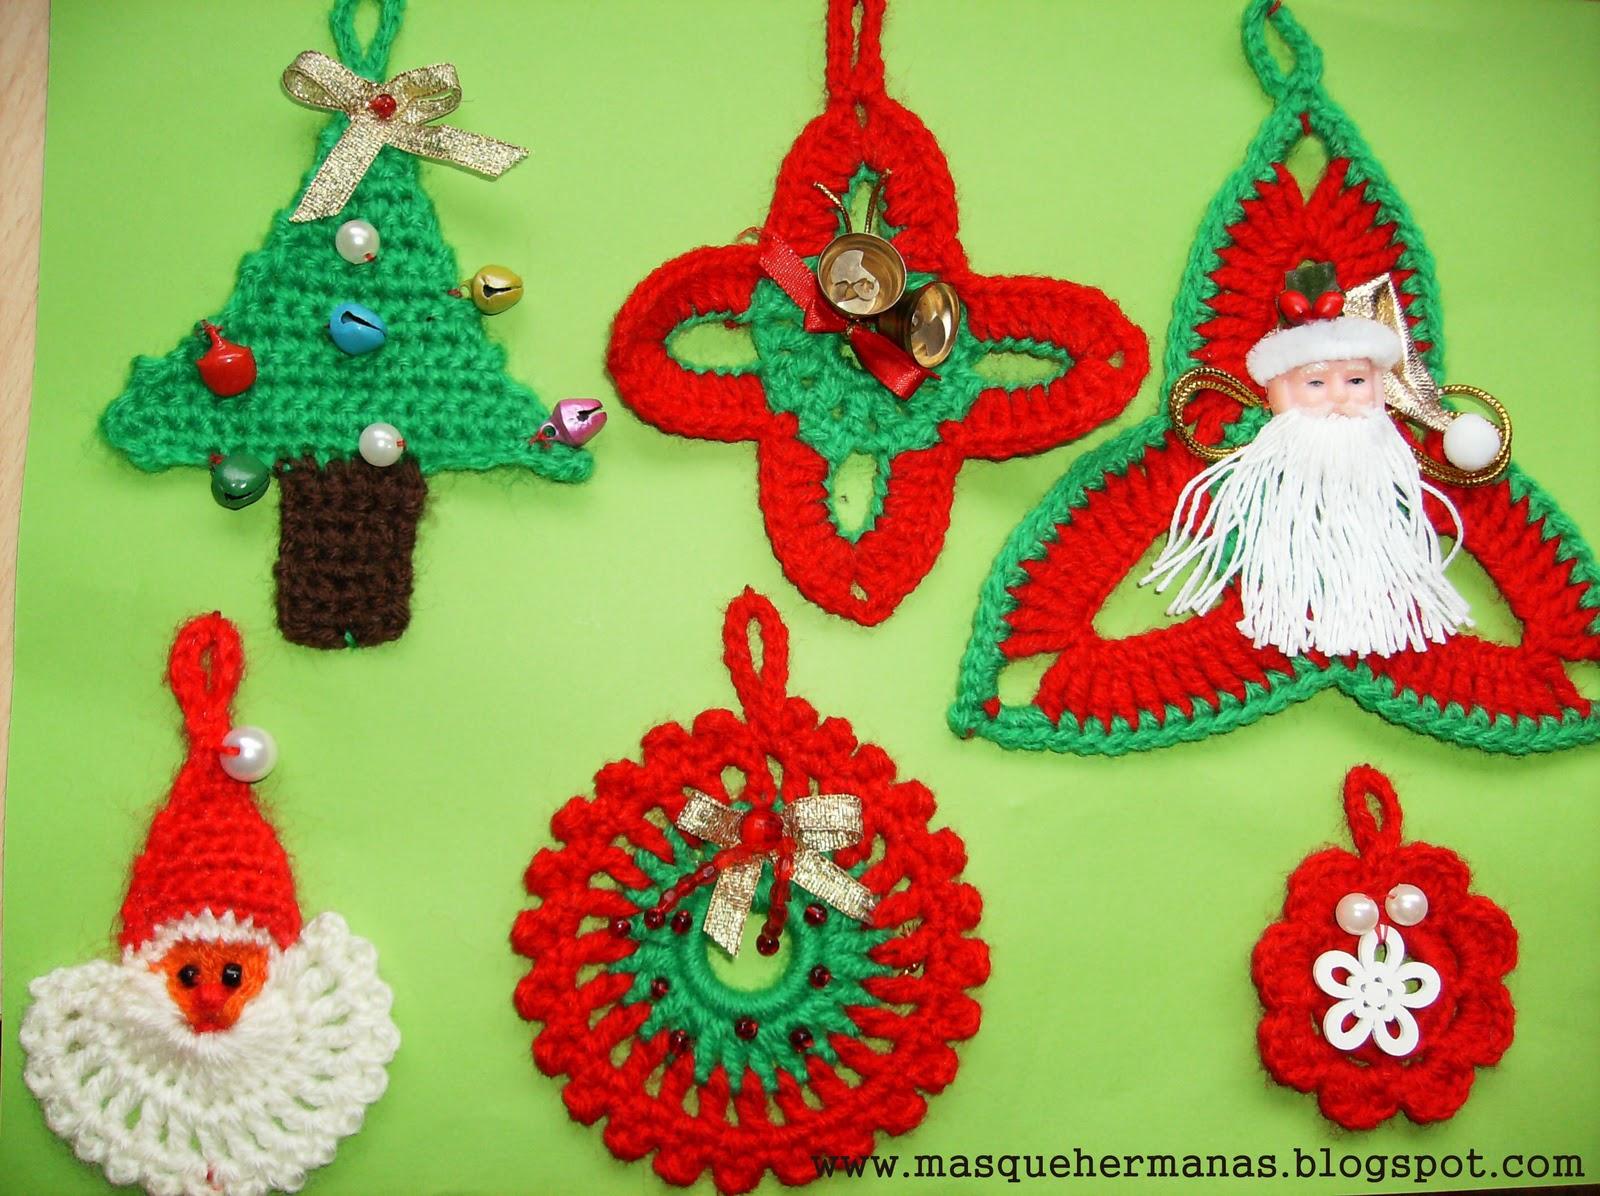 M s que hermanas adornos navide os en crochet - Hacer cosas para navidad ...